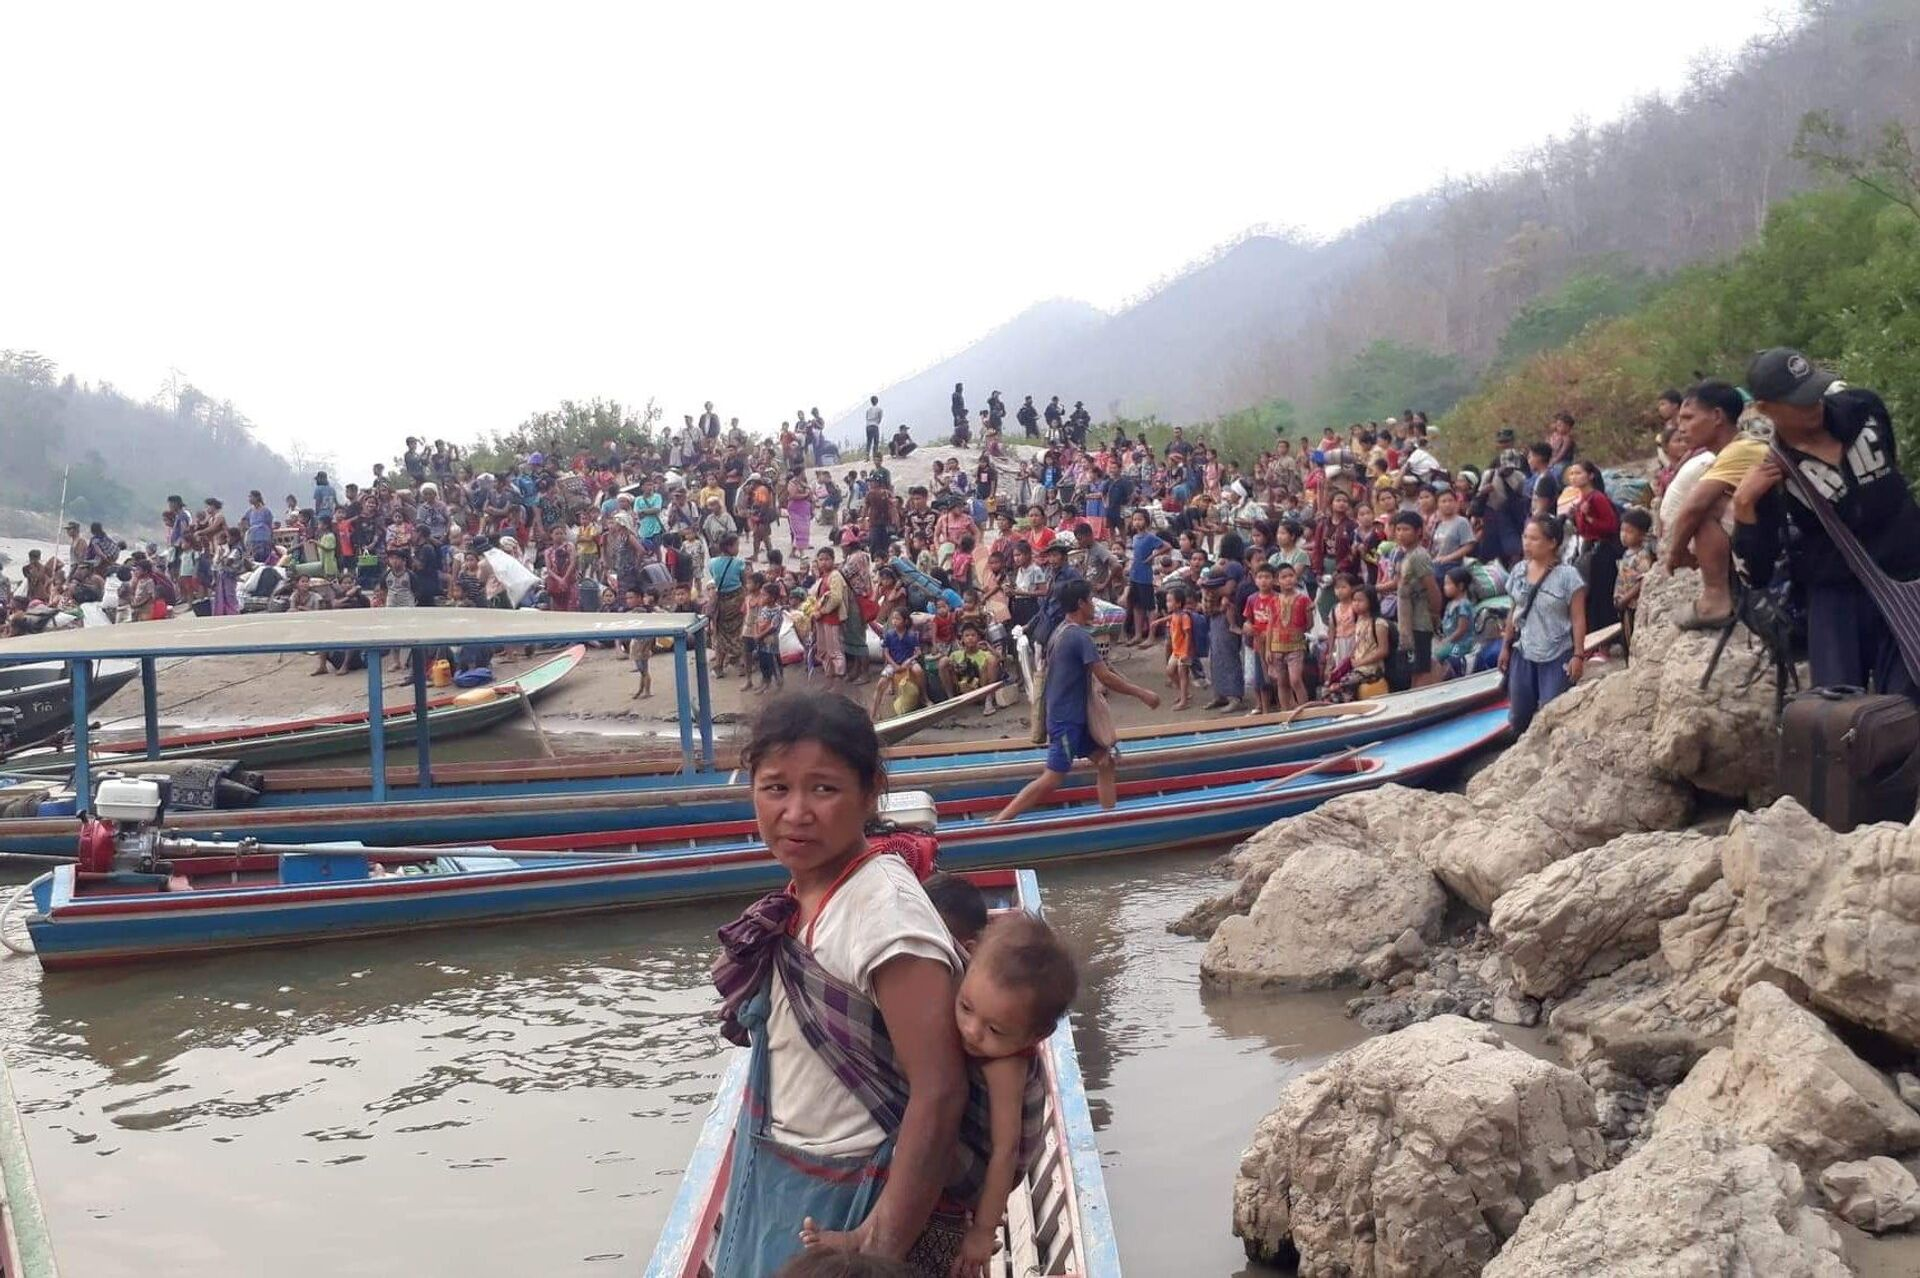 Hơn một ngàn người Myanmar tị nạn ở Thái Lan đã trở về nhà - Sputnik Việt Nam, 1920, 30.03.2021